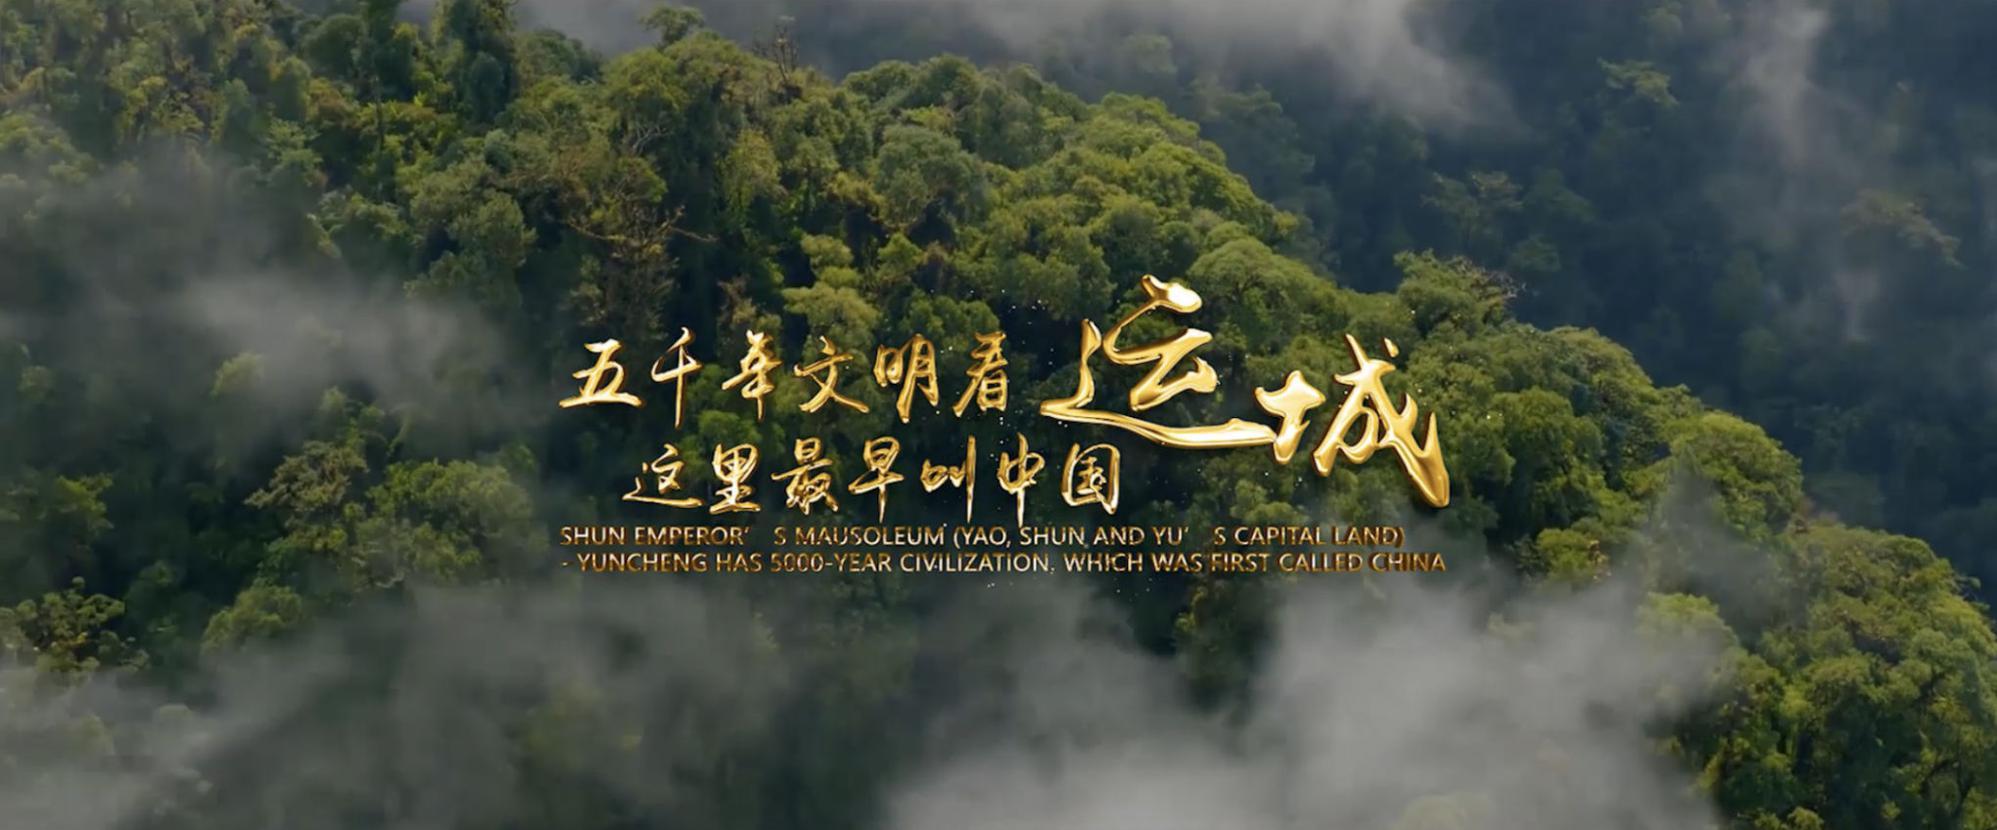 运城:华夏农耕文明的发祥地